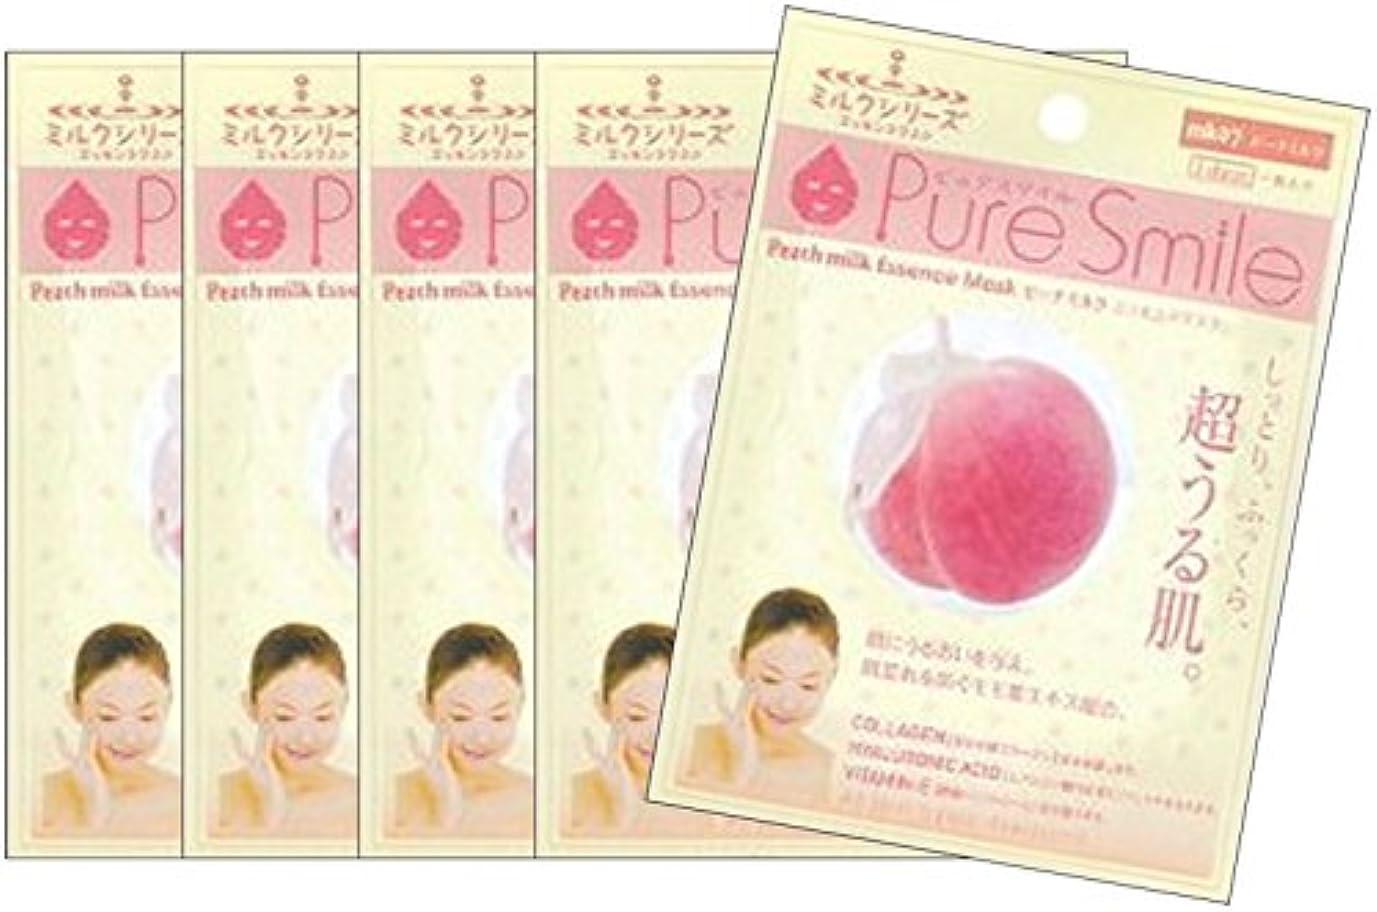 お客様団結する女王ピュアスマイル エッセンスマスク ミルクシリーズ ピーチミルク 5枚セット